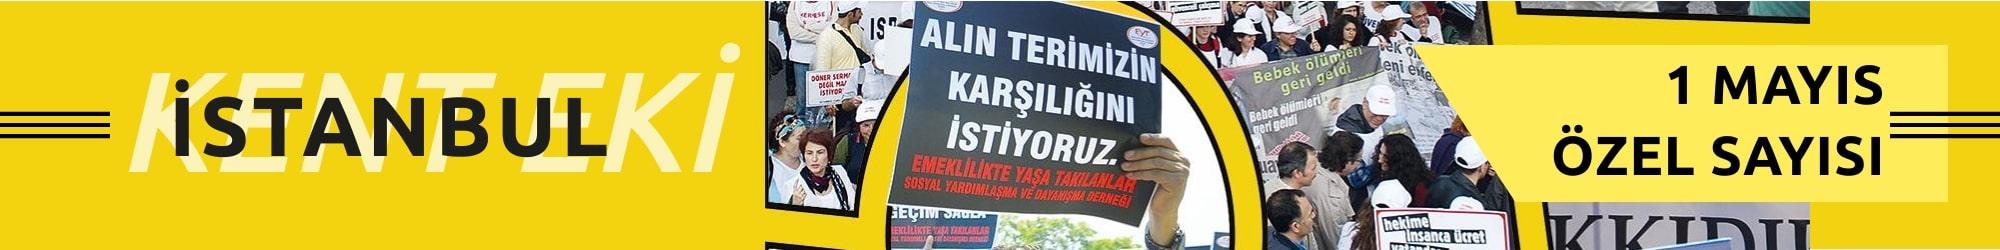 İstanbul kent eki